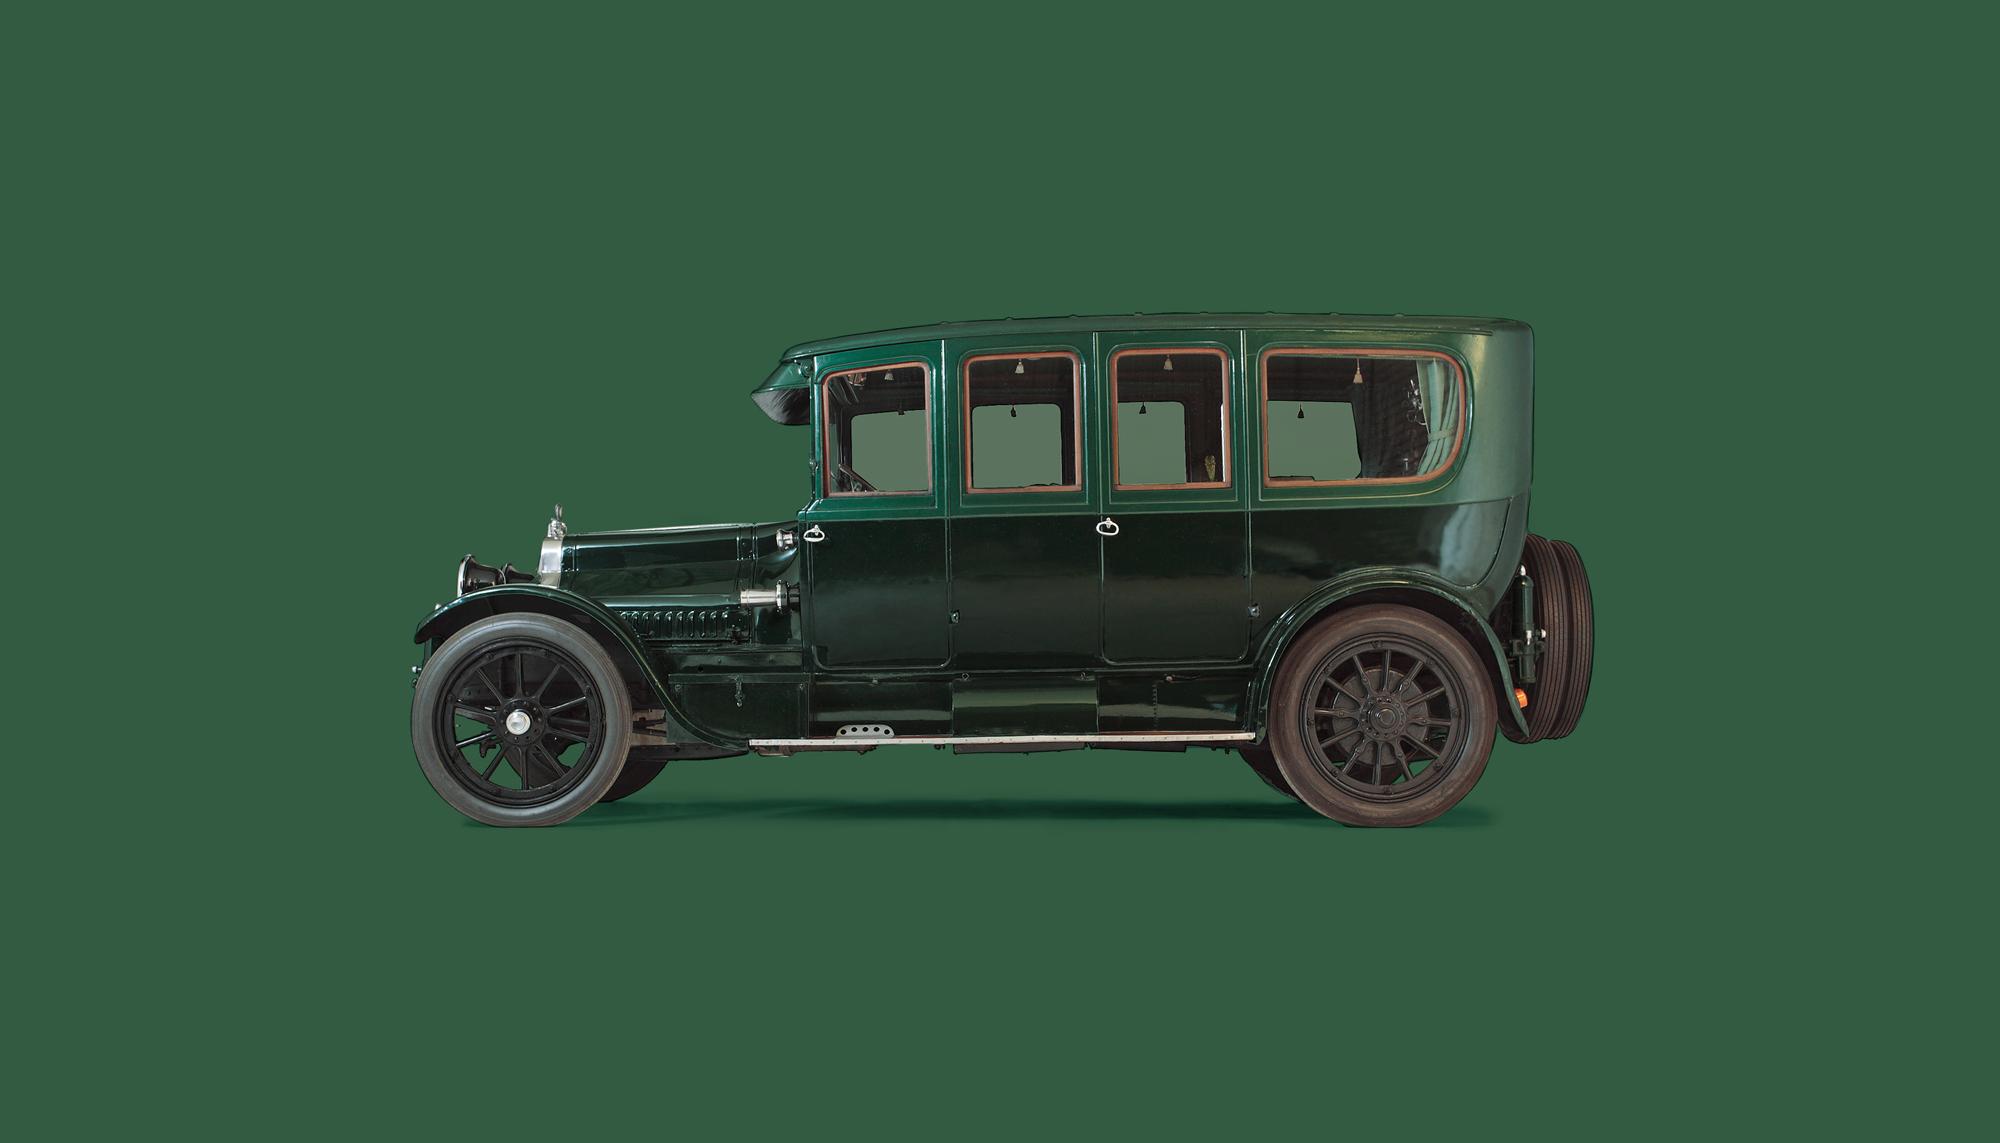 Bekijk Cadillac Model 51 V8 in het Louwman Museum